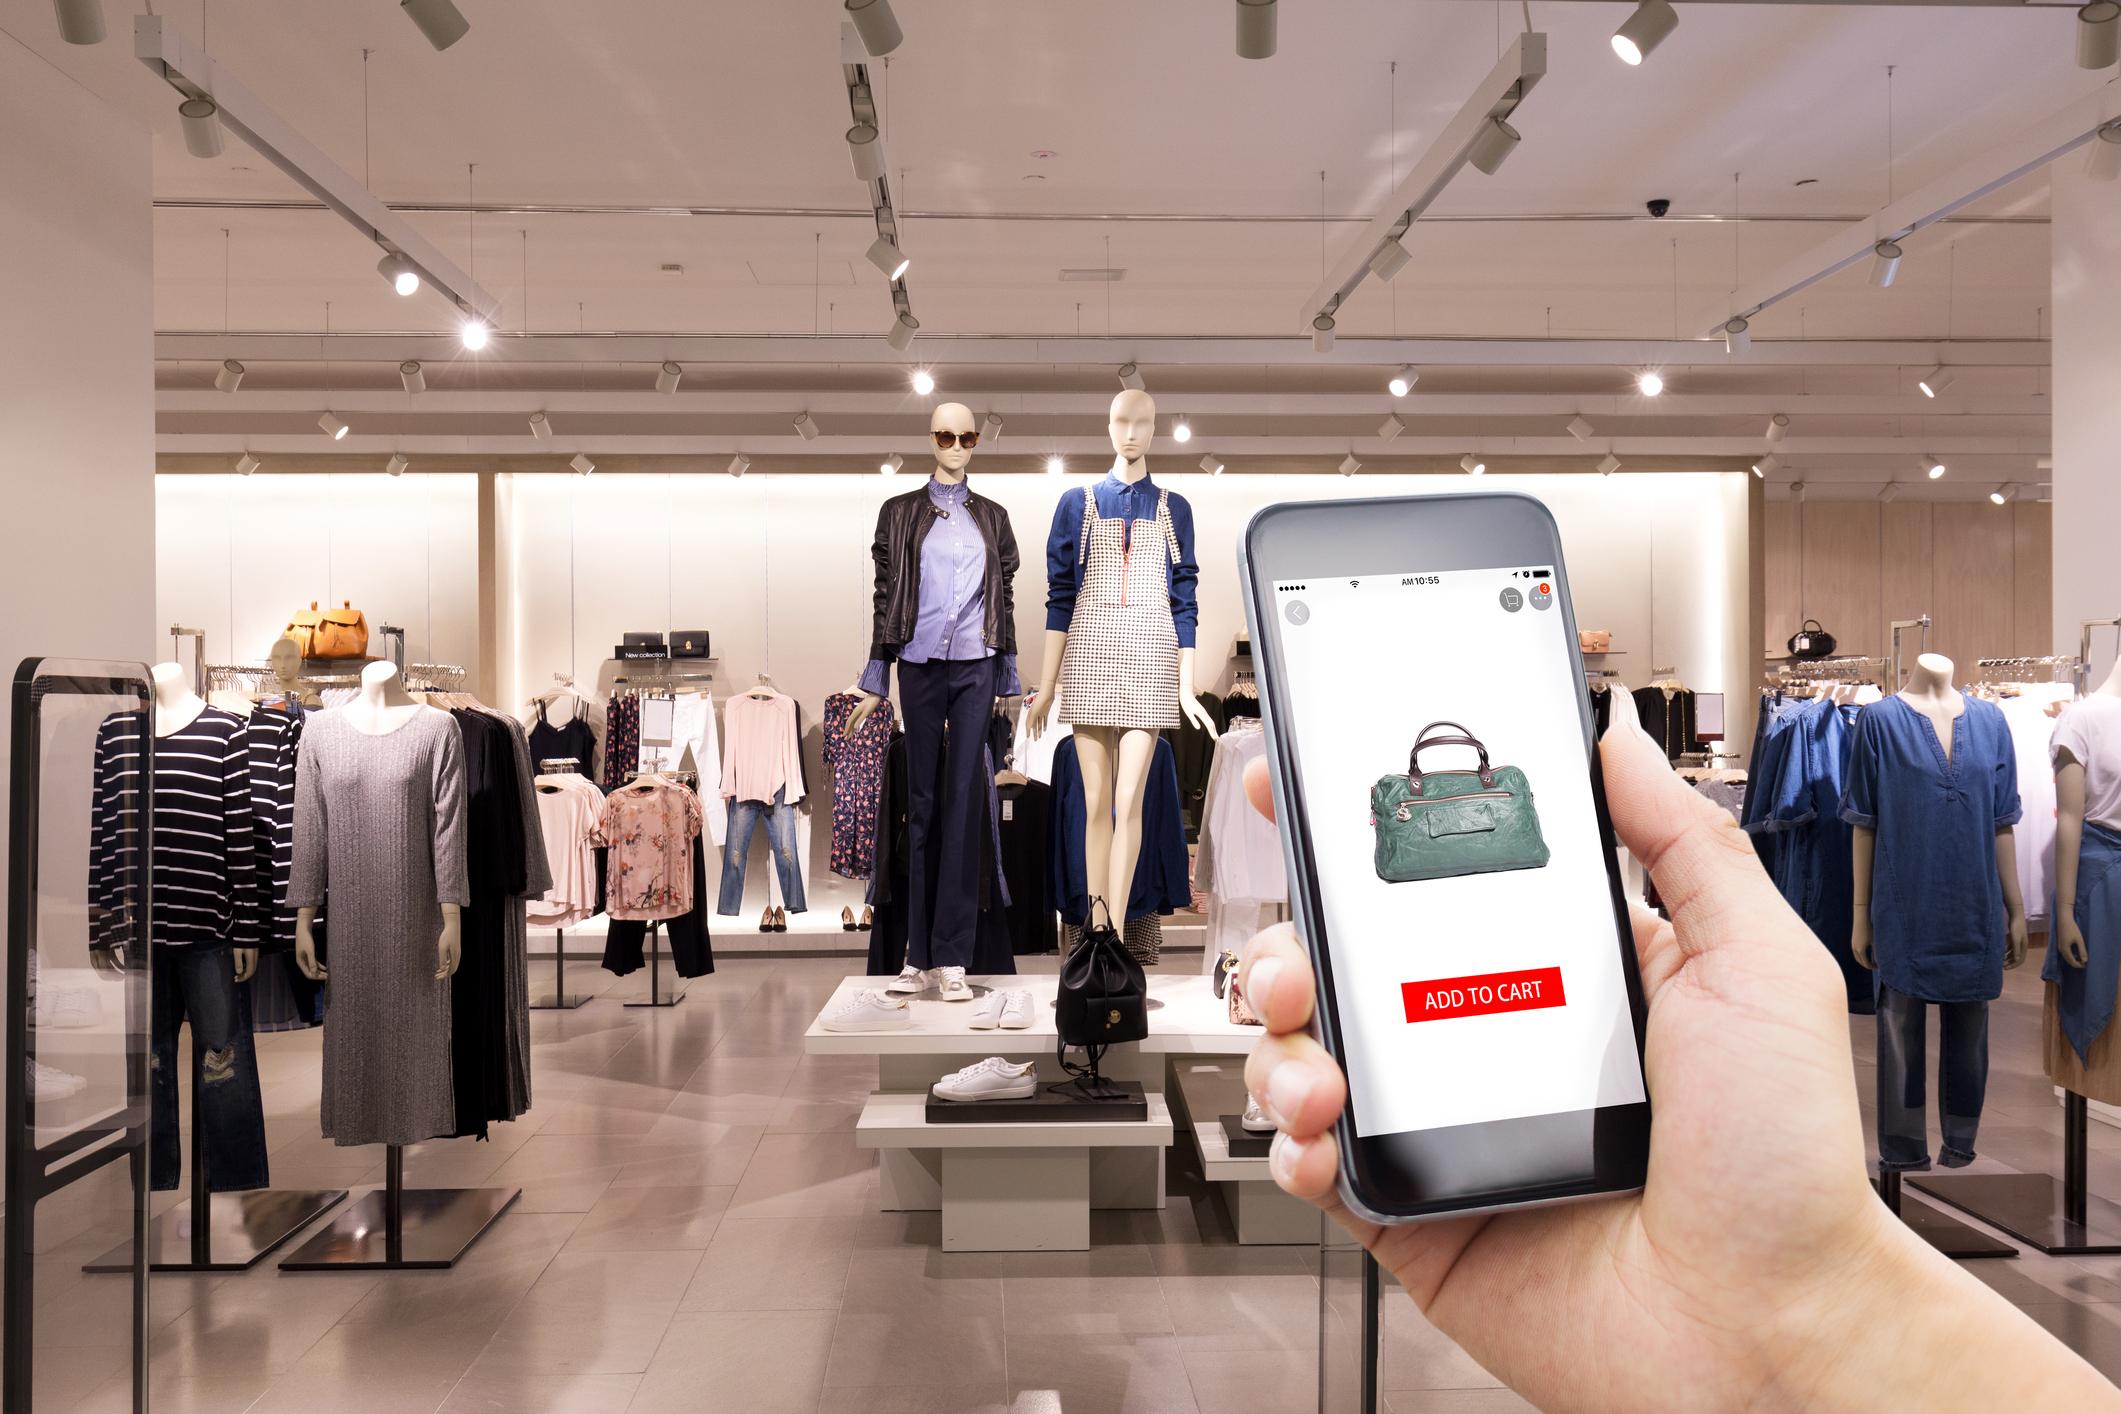 A shopper views a purse on a shopping app.